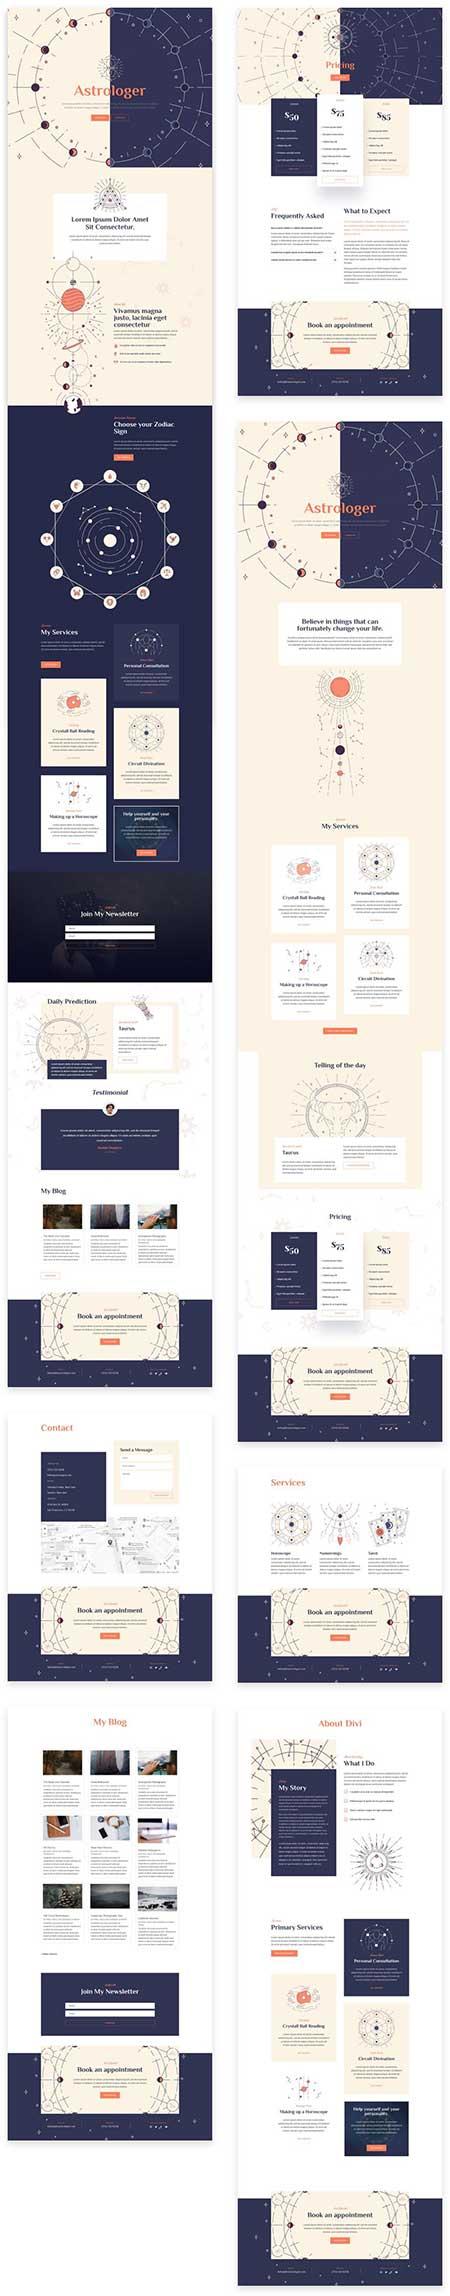 Divi astrologer layout pack